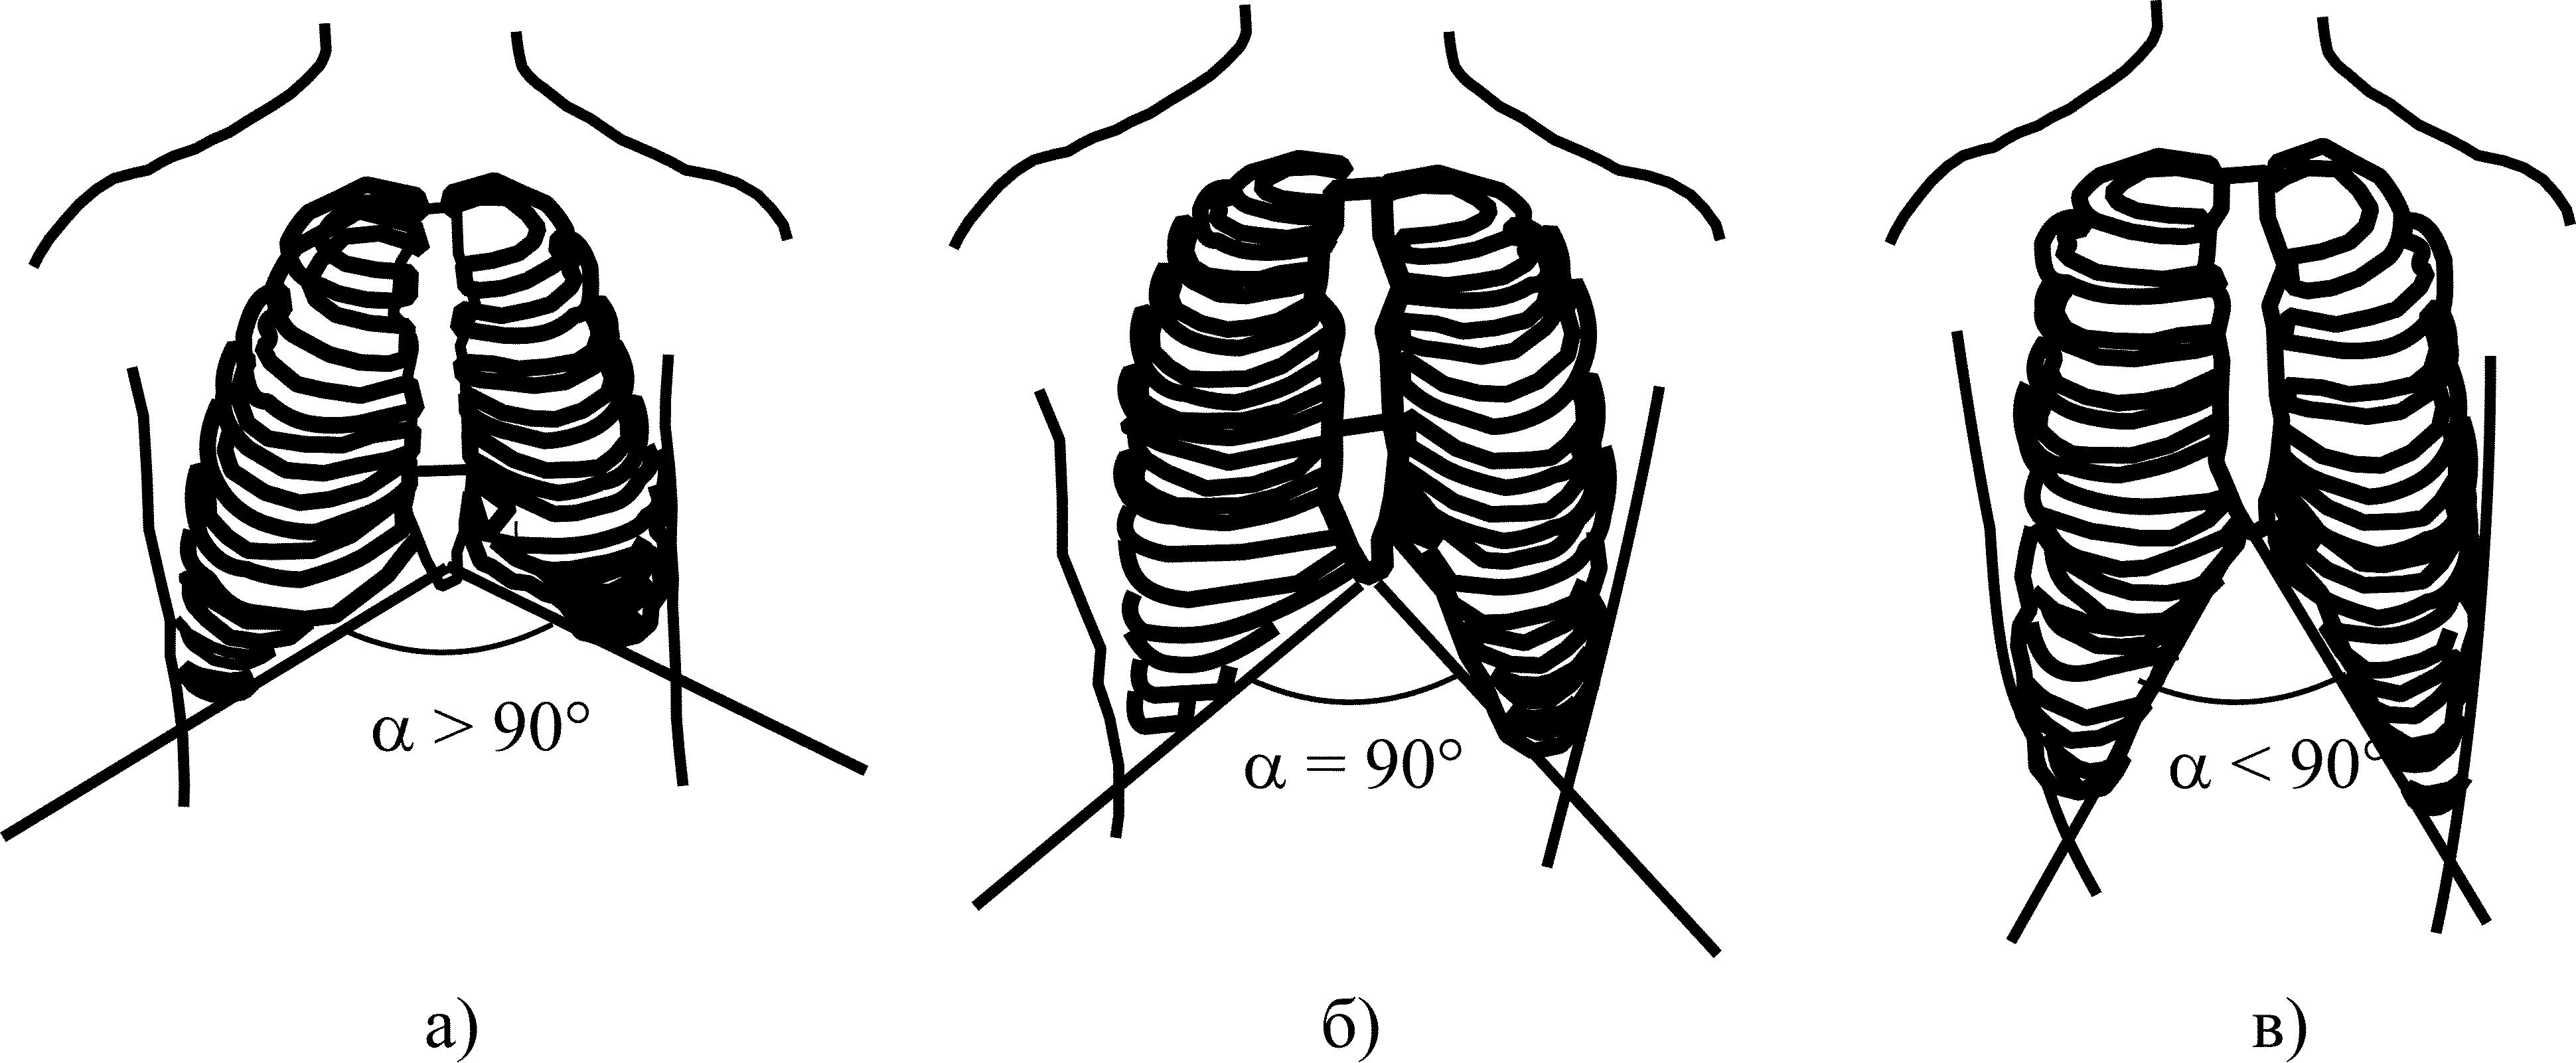 Деформации грудной клетки - виды, описание, симптомы и причины